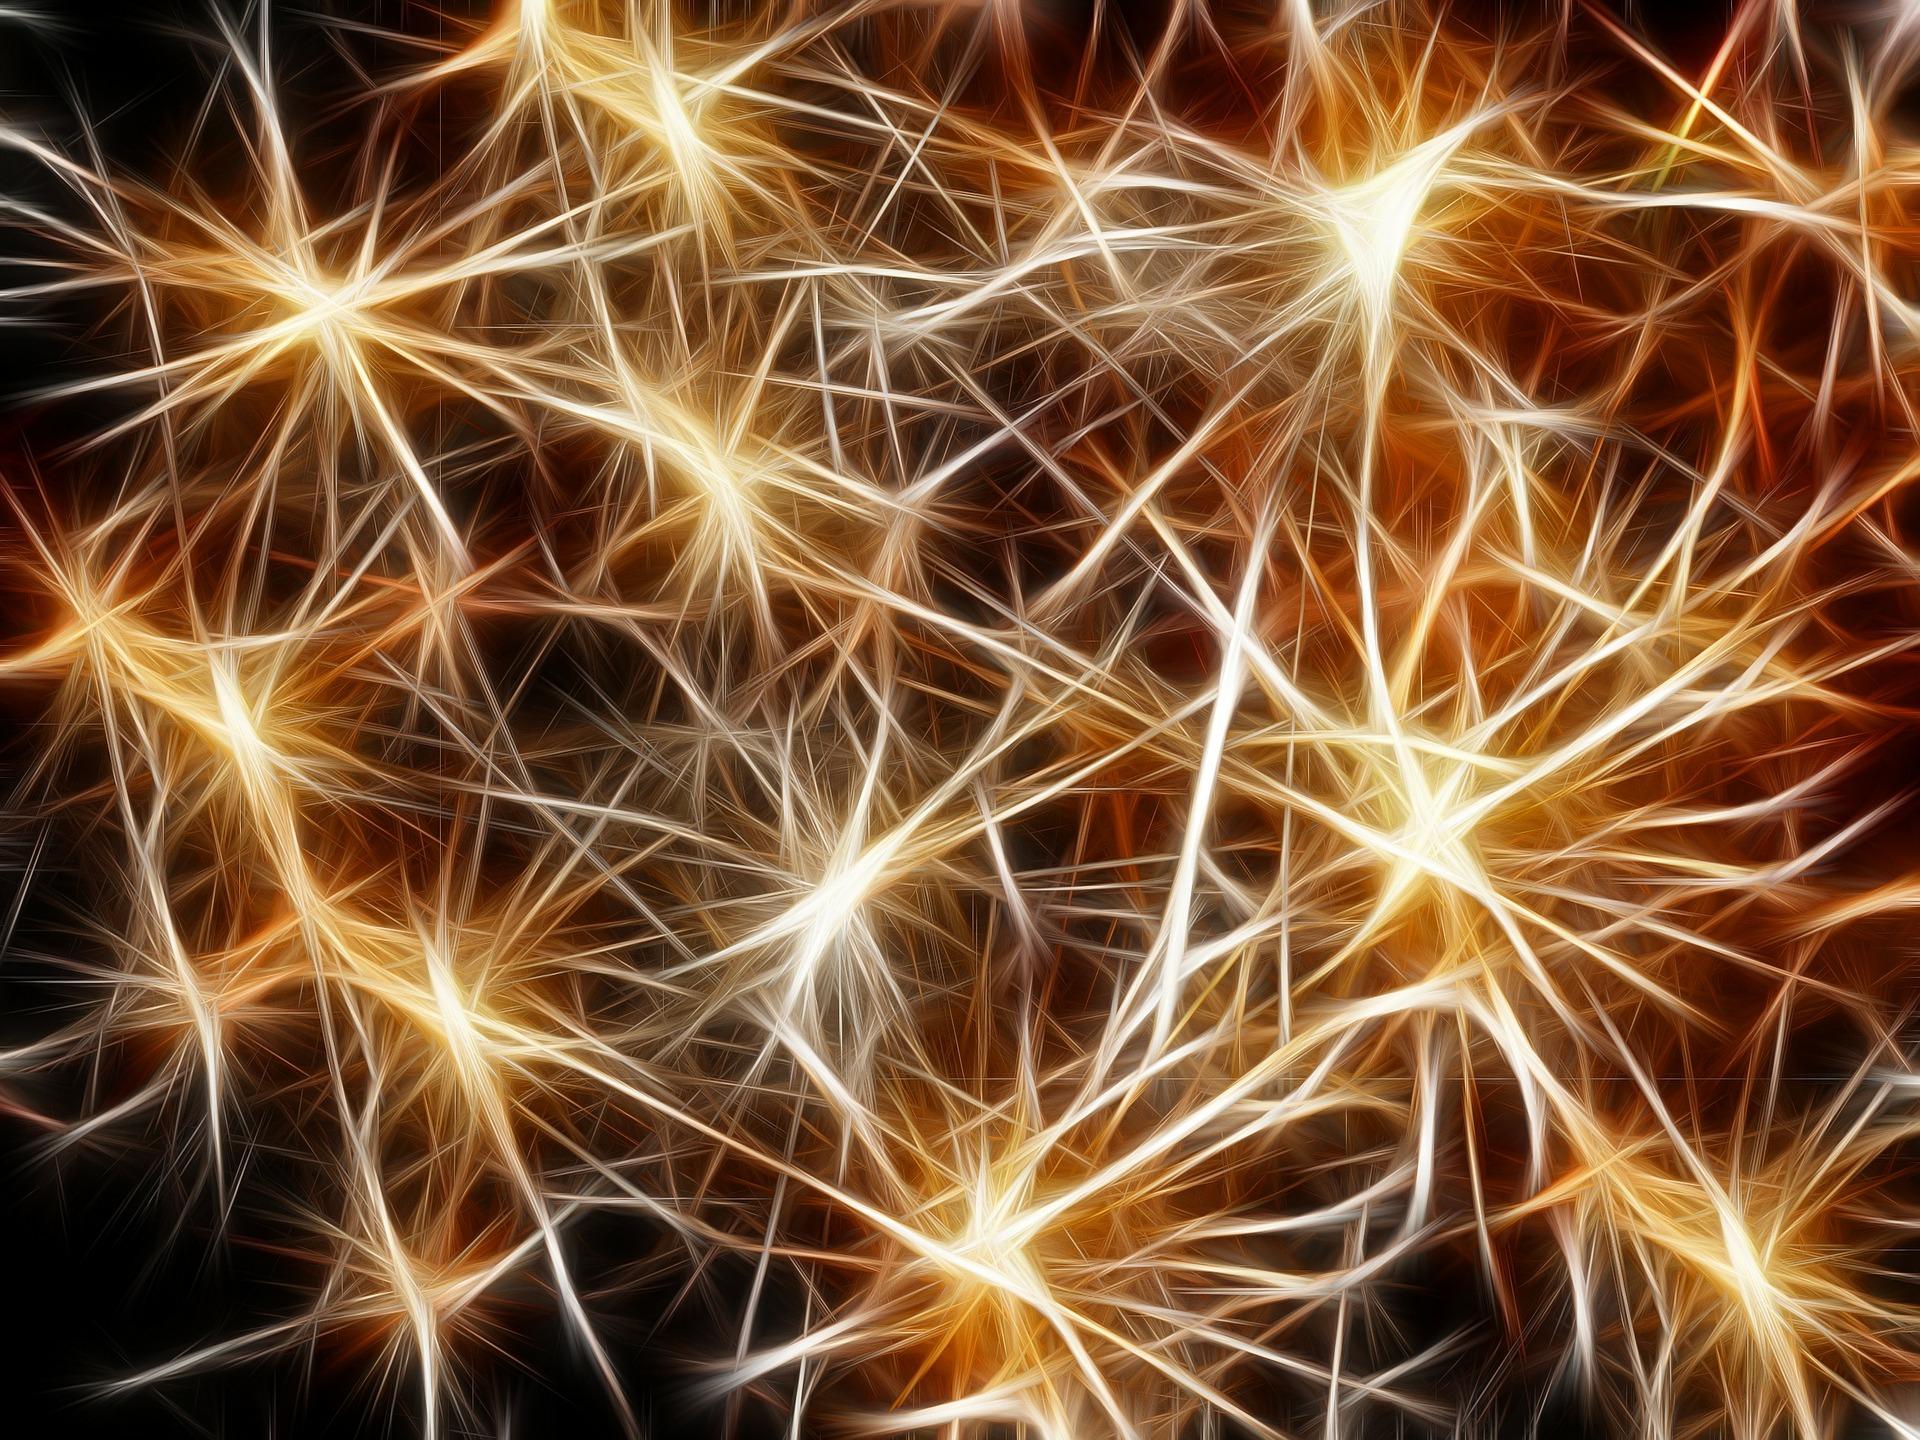 Neurons creating ideas